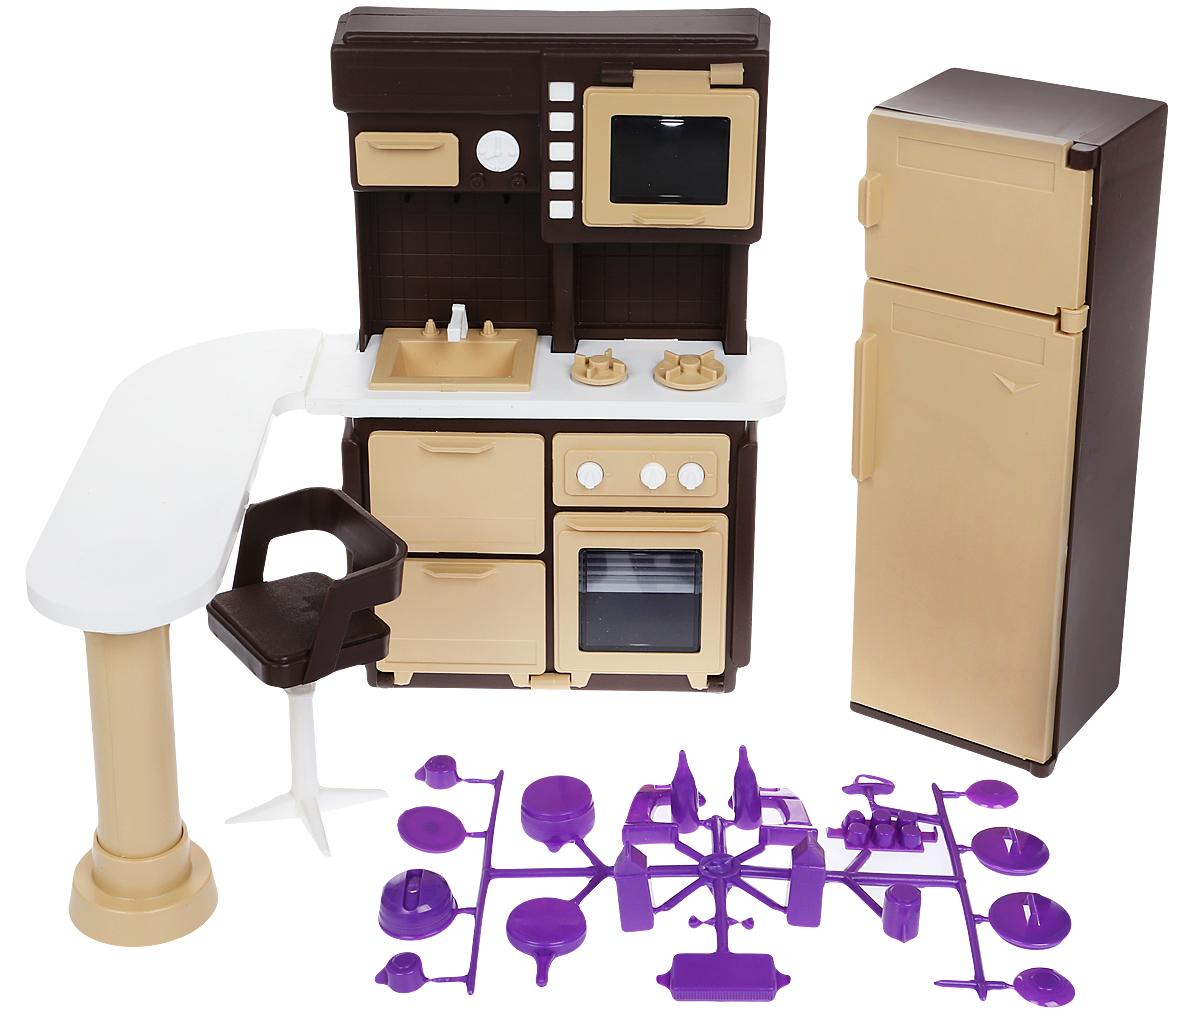 Огонек Набор мебели для кукол Коллекция Кухня набор мебели огонек для столовой коллекция